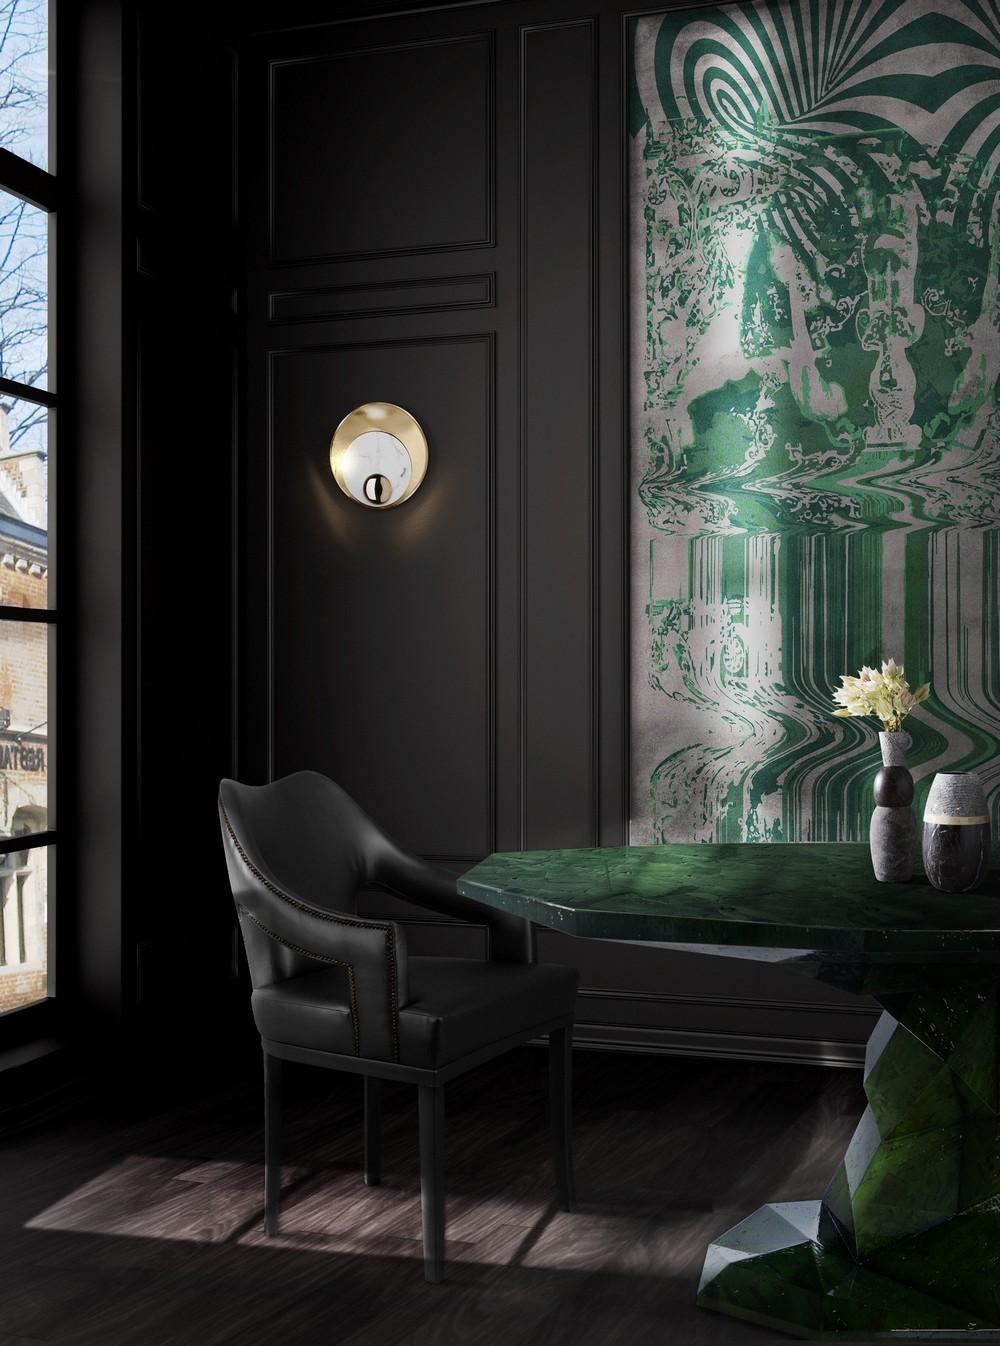 5 Tappeti Moderni di cui ti Innamorerai tappeti 5 Tappeti Moderni di cui ti Innamorerai BL Dining Room mar17 1